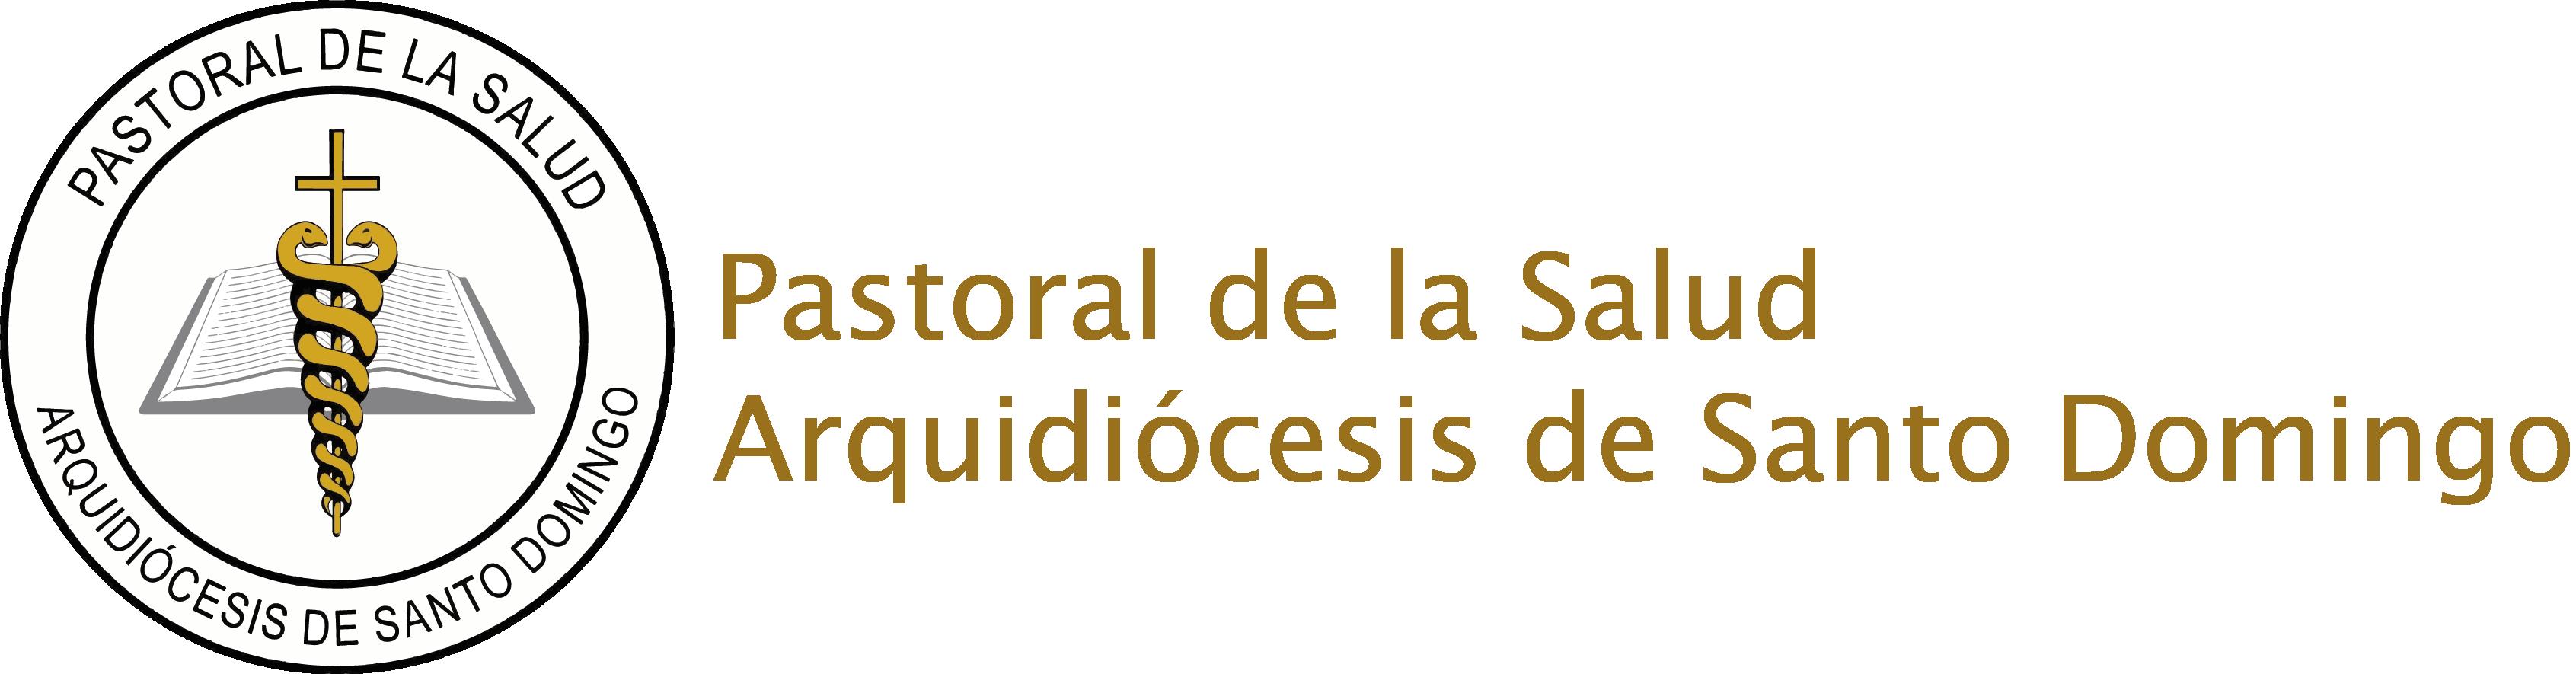 Pastoral de la Salud Arquidiocesis de Santo Domingo